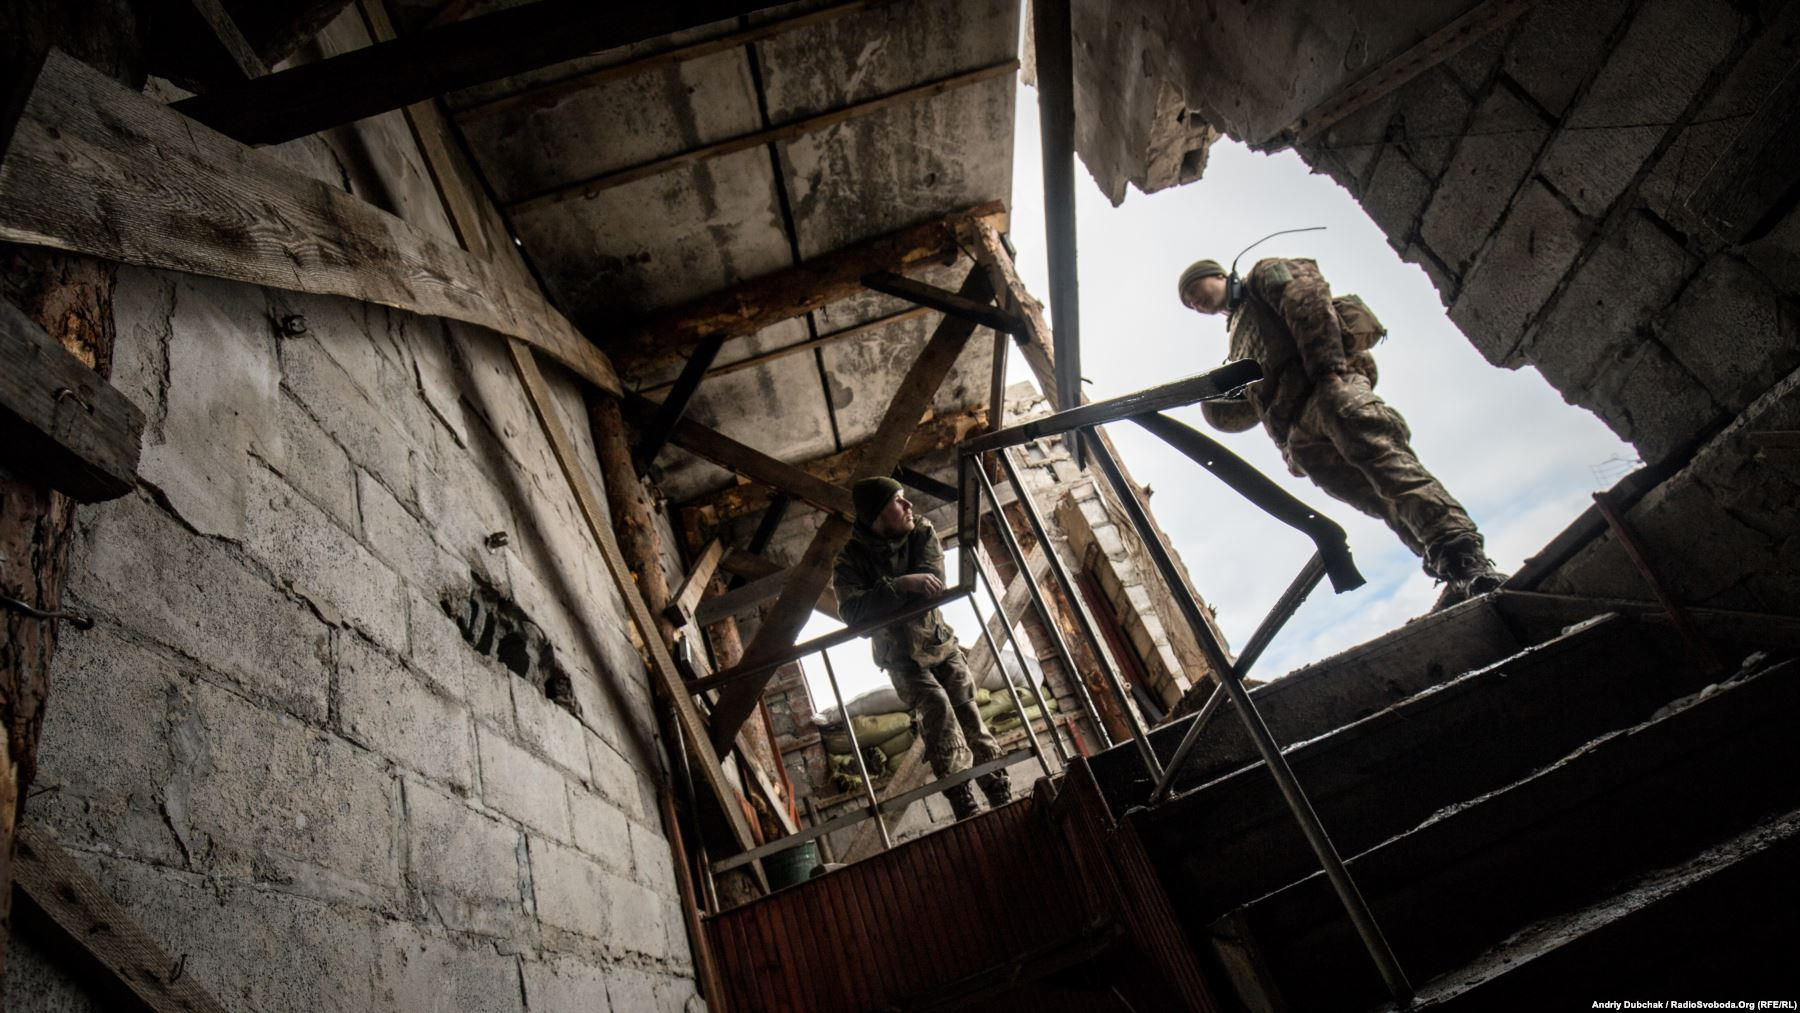 Більшість будинків значно пошкоджена артилерією, тому доводиться їх додатково укріплювати зсередини дерев'яними колодами